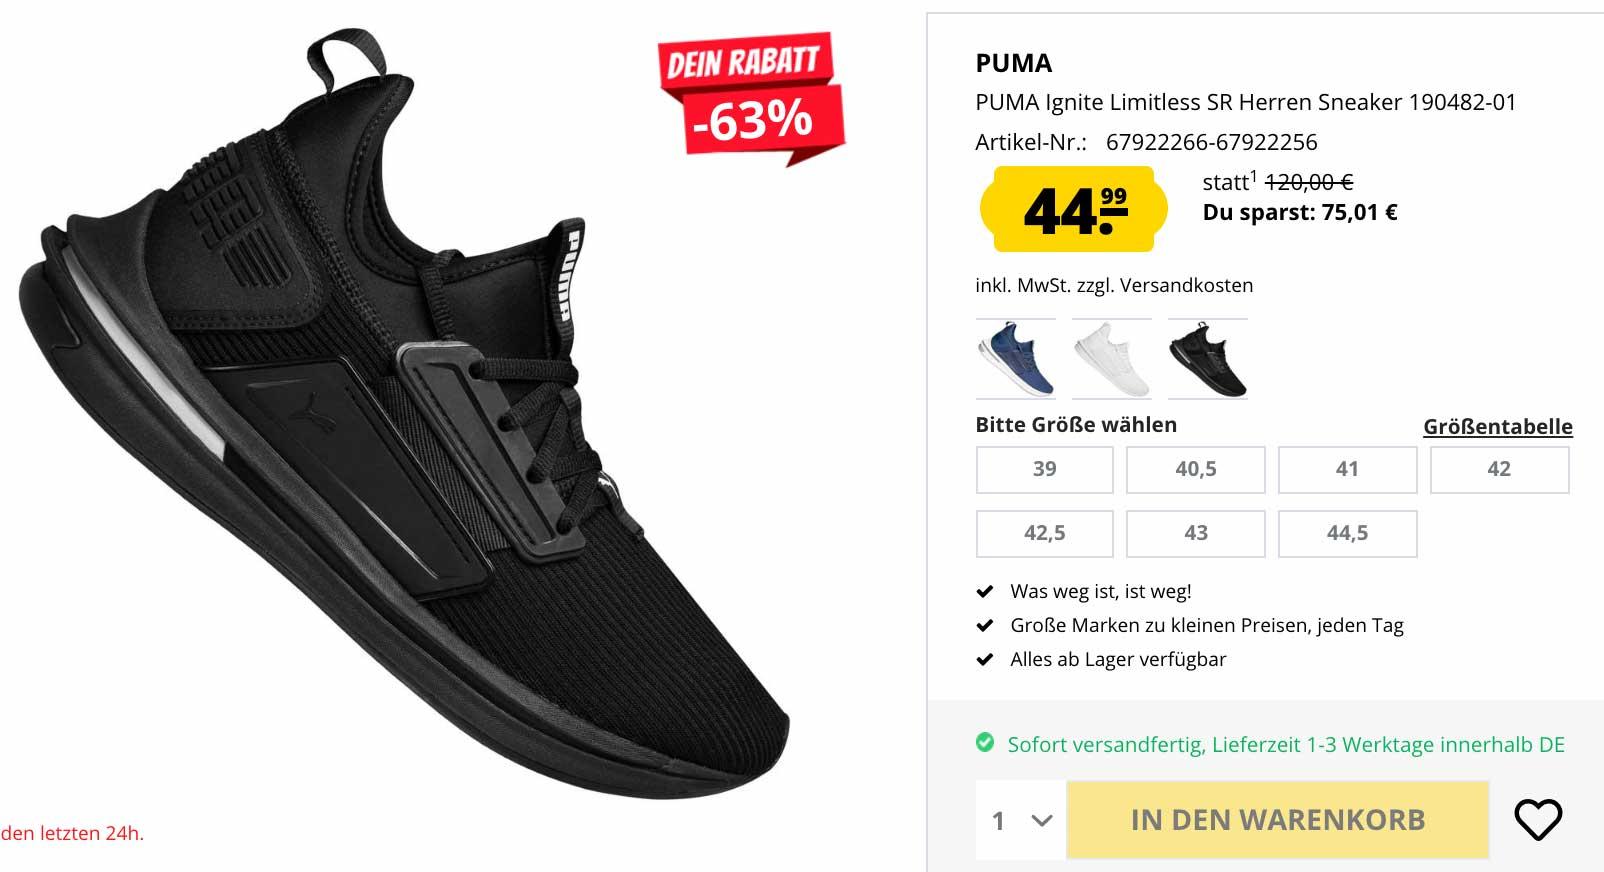 Puma: Ignite Limitless SR Sneaker für nur 44,99 € statt 120